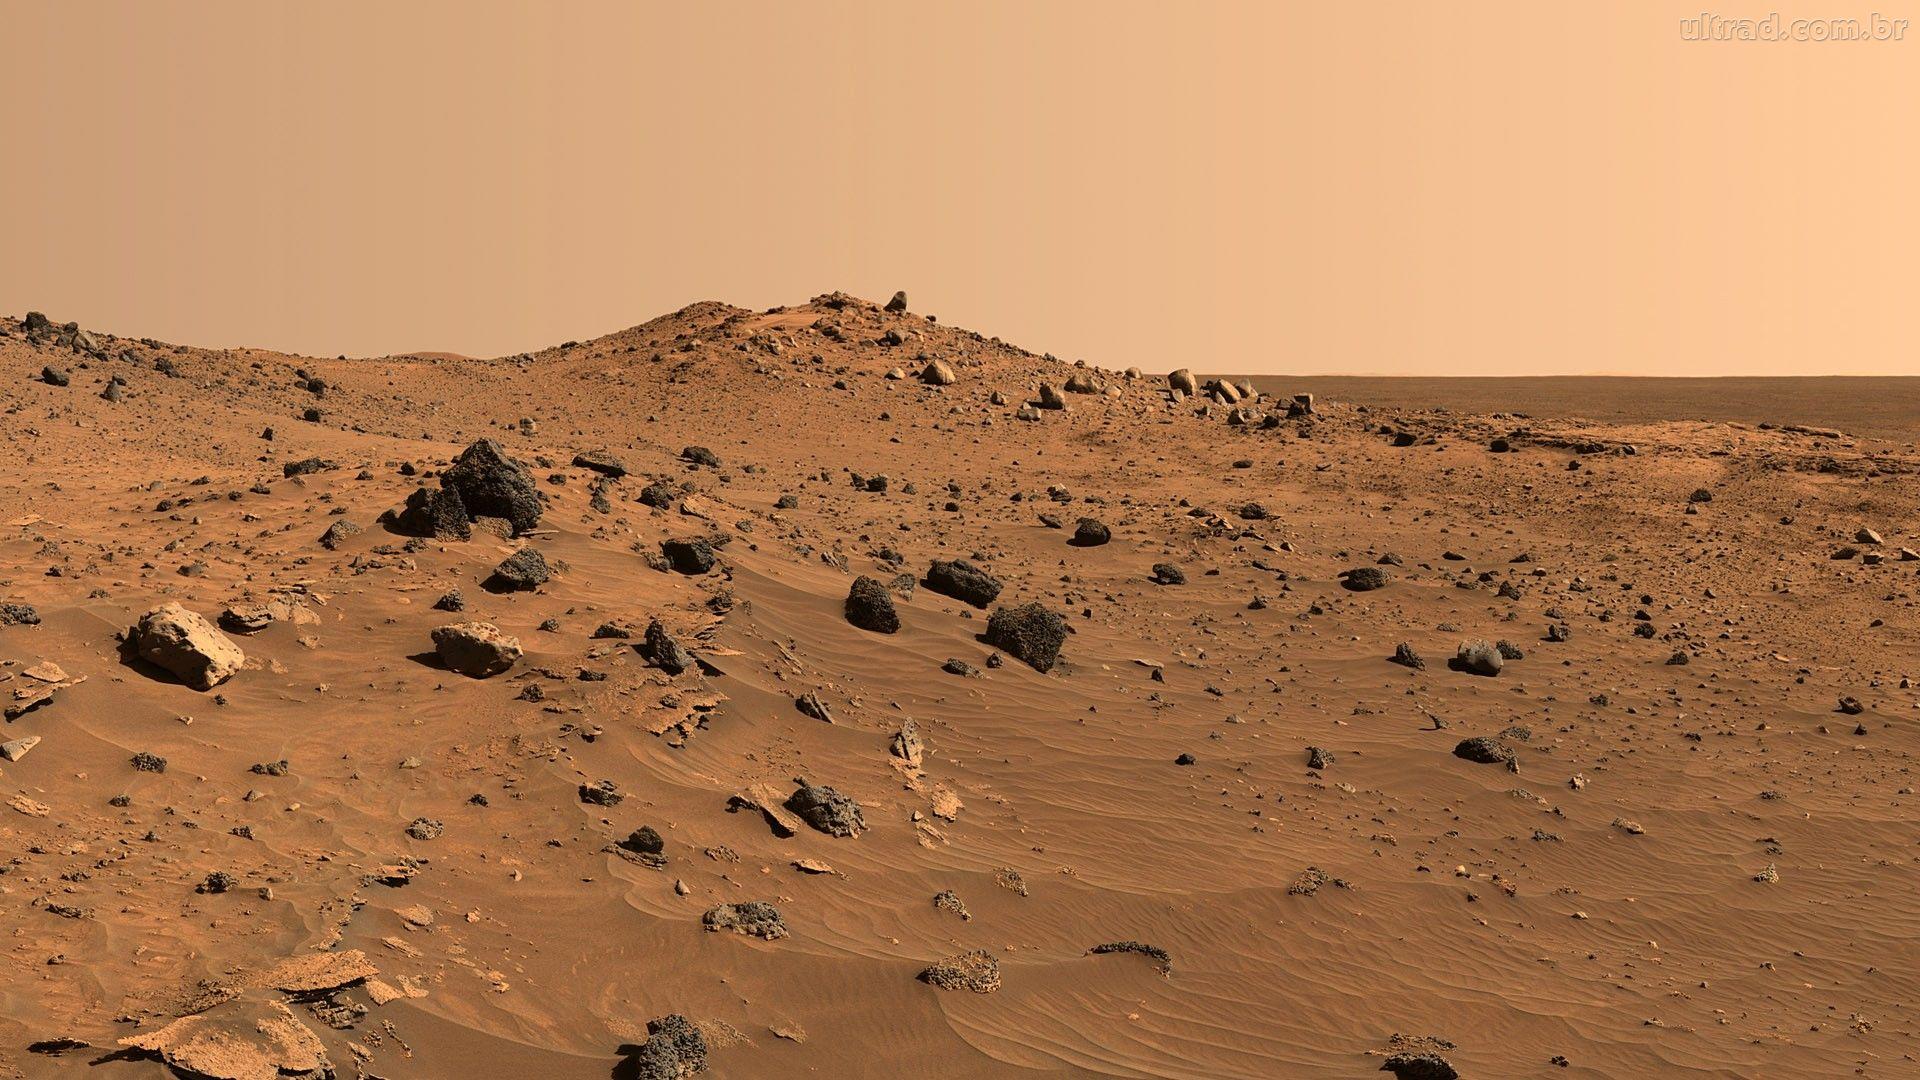 Marte, sul pianeta rosso c'è vita